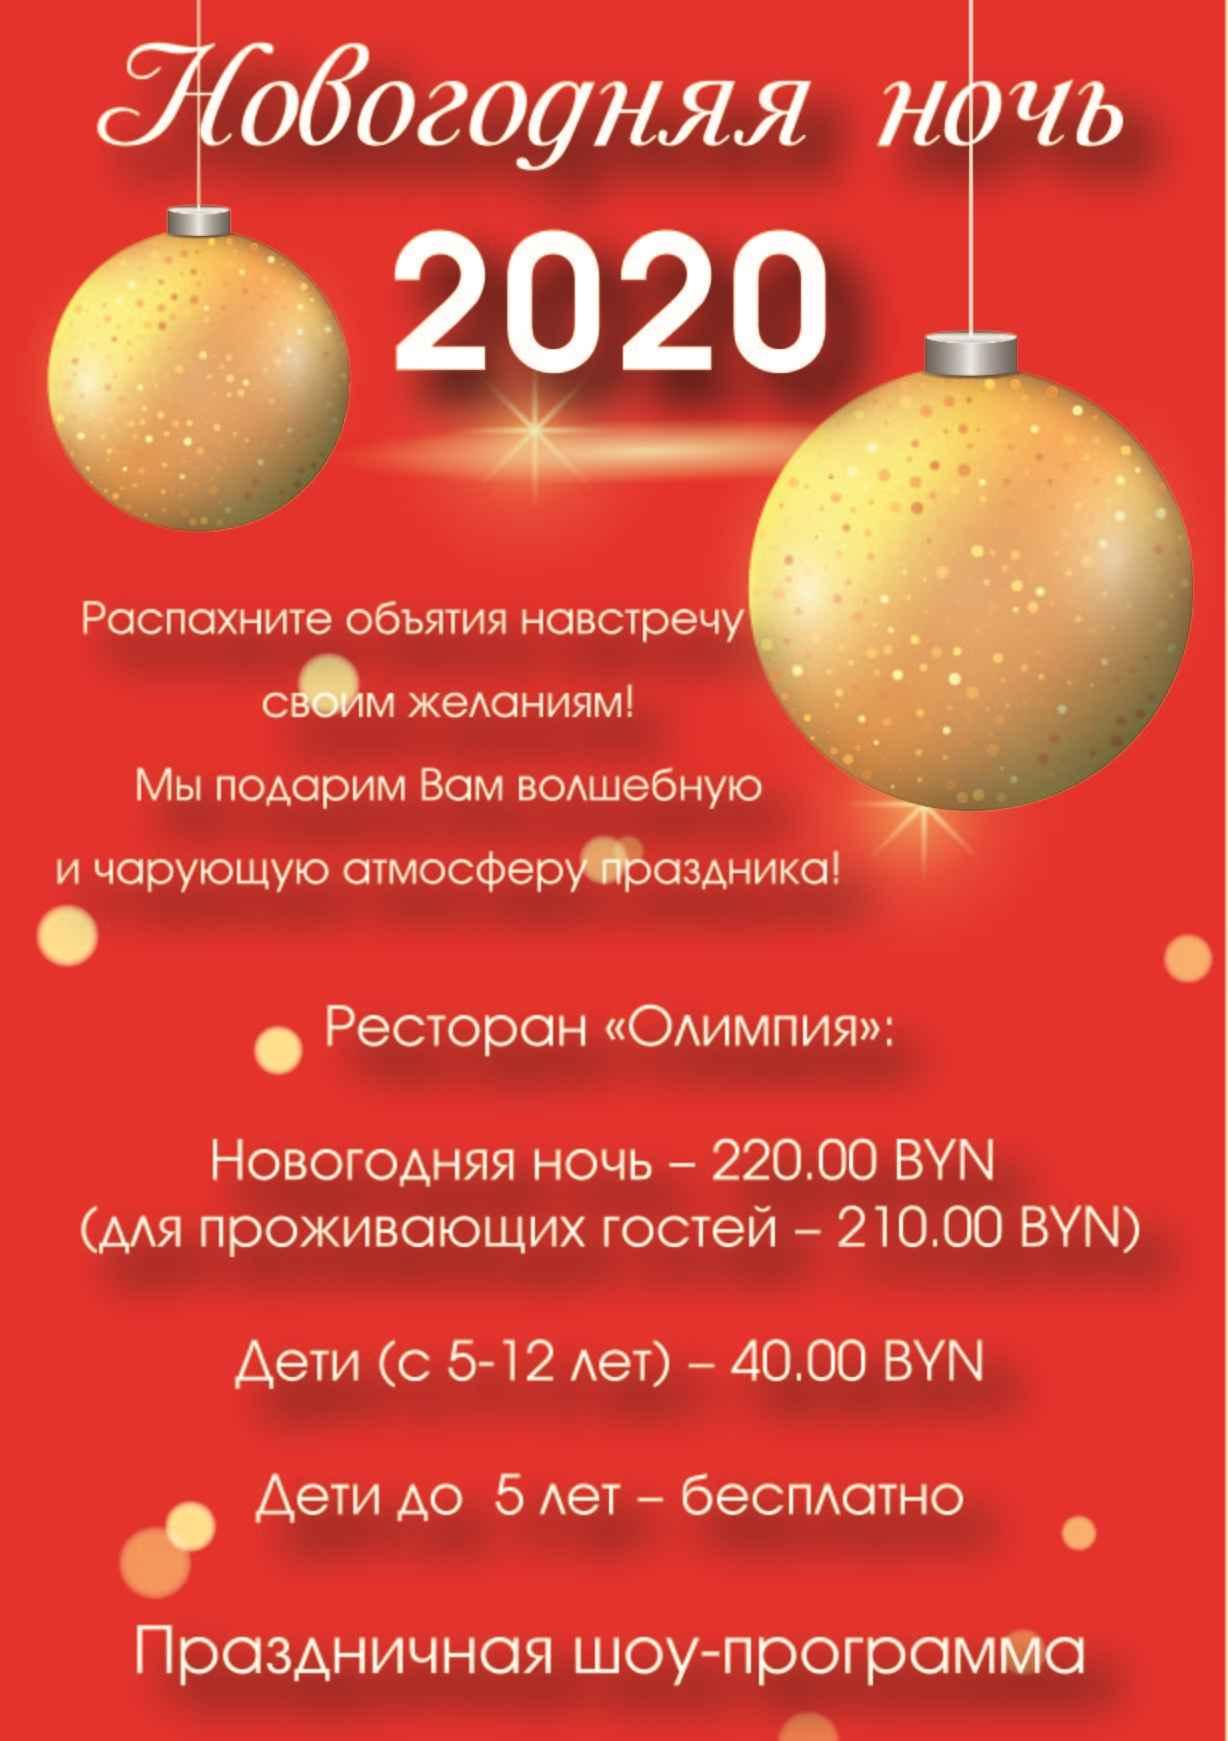 Афиша новогоднего банкет в «Виктория Олимп Отель»